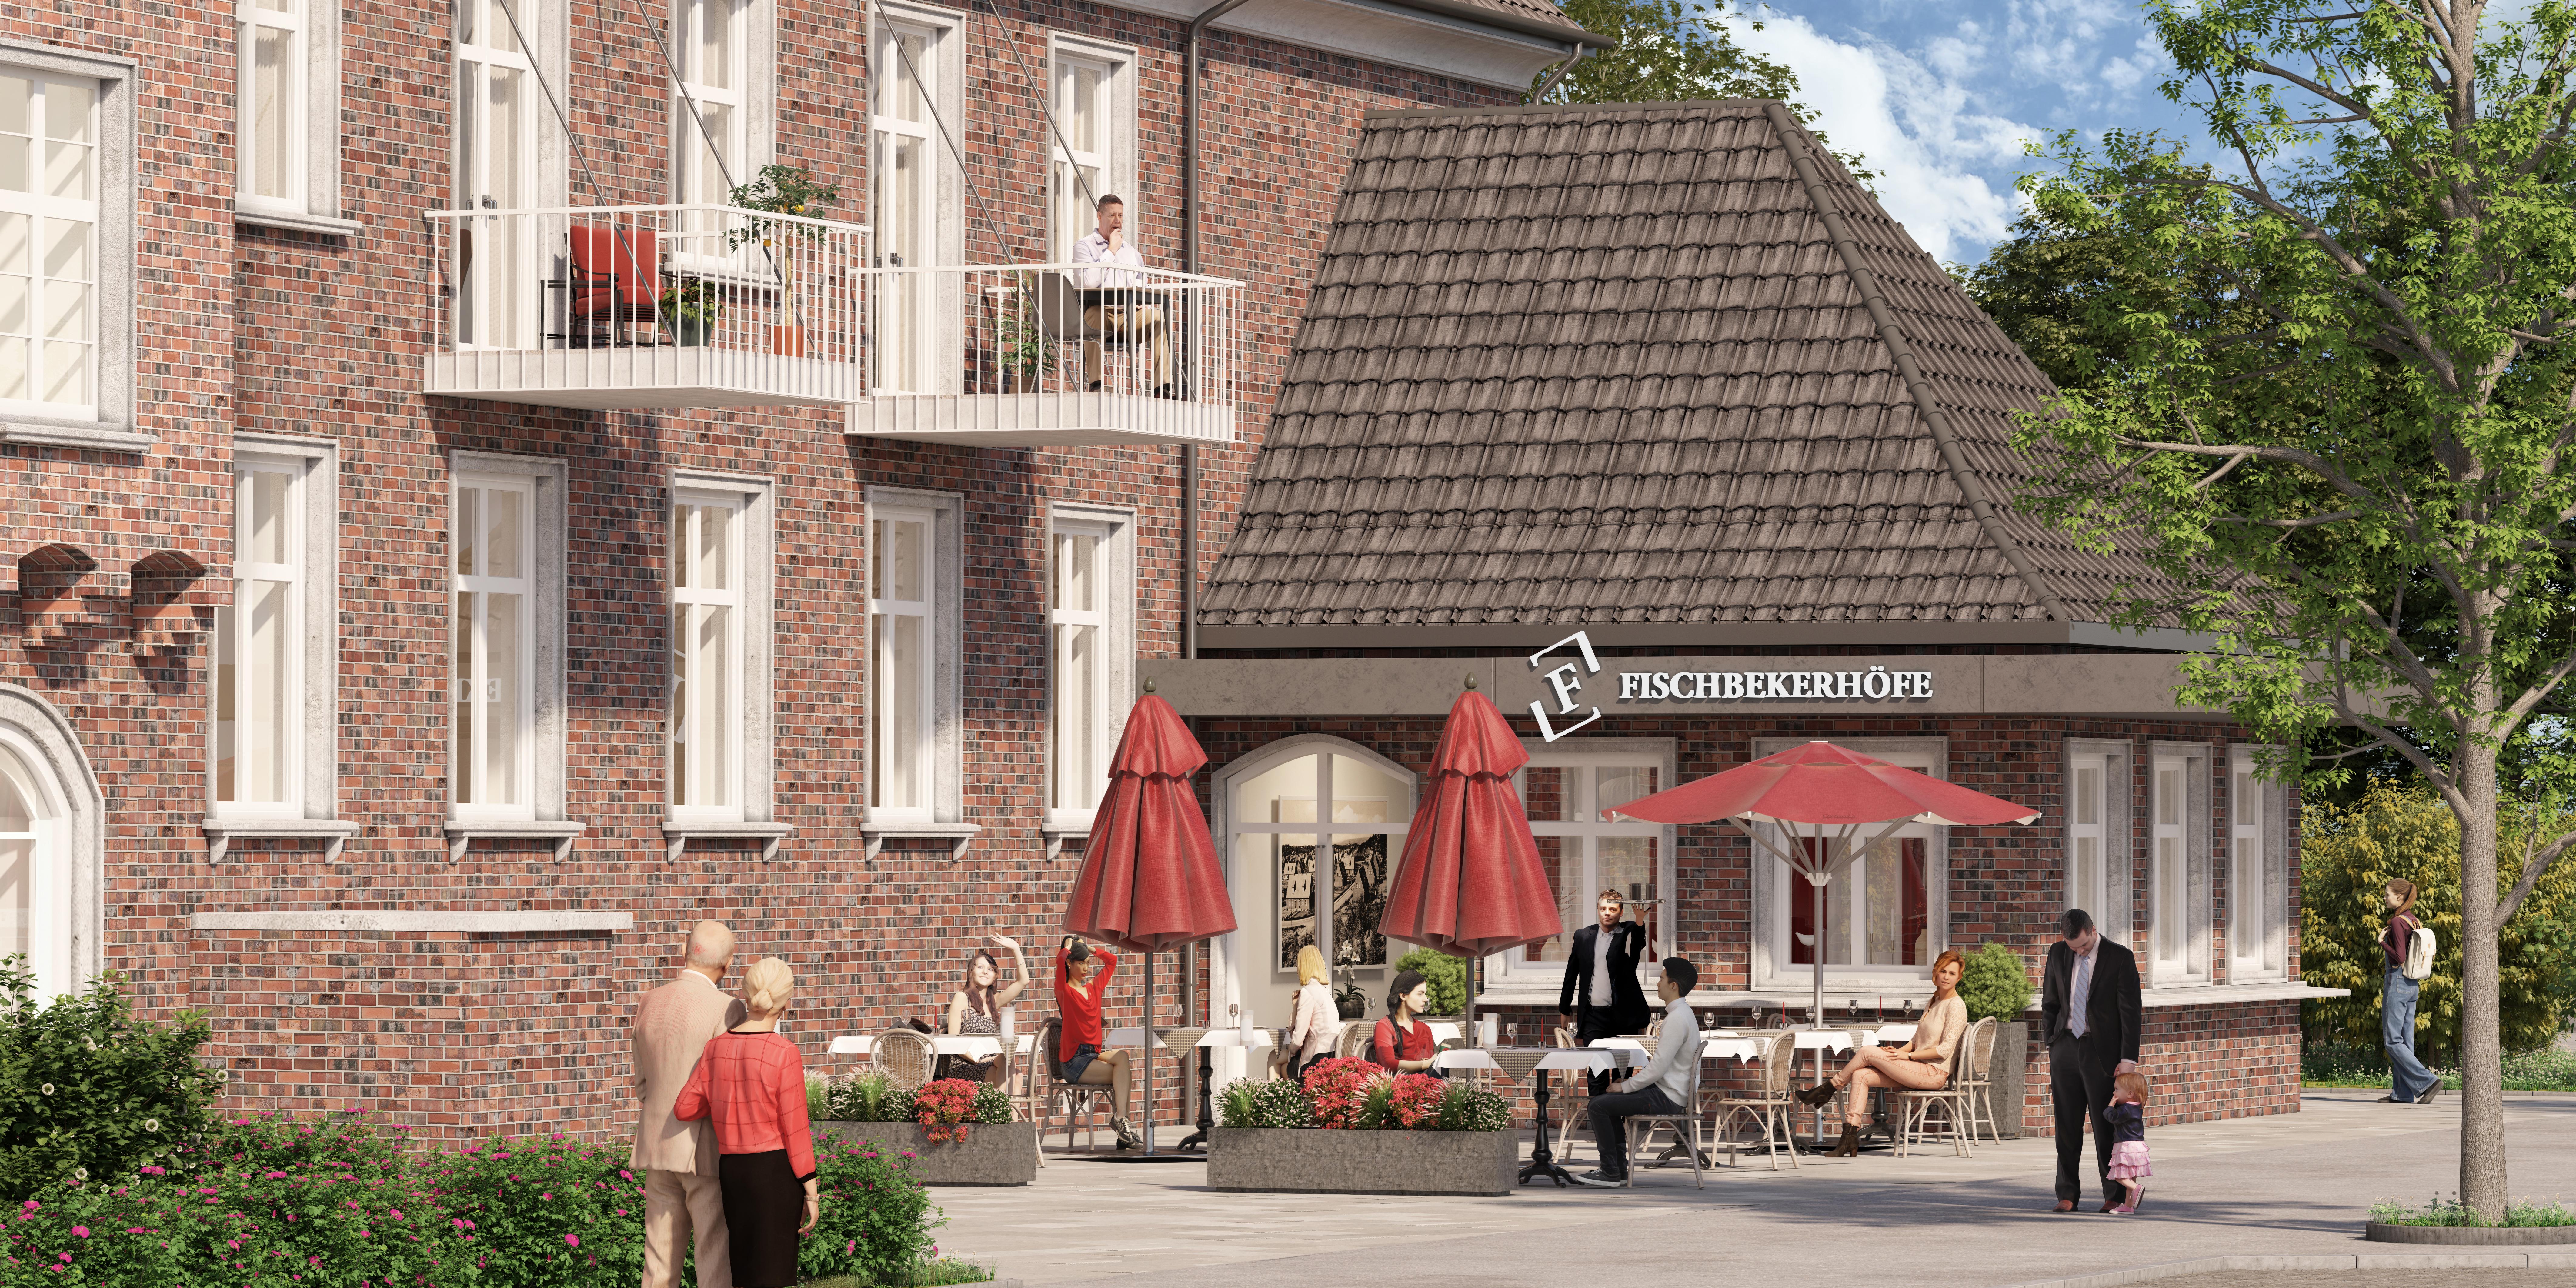 346_201029_Restaurant_Bauschild_72DPI